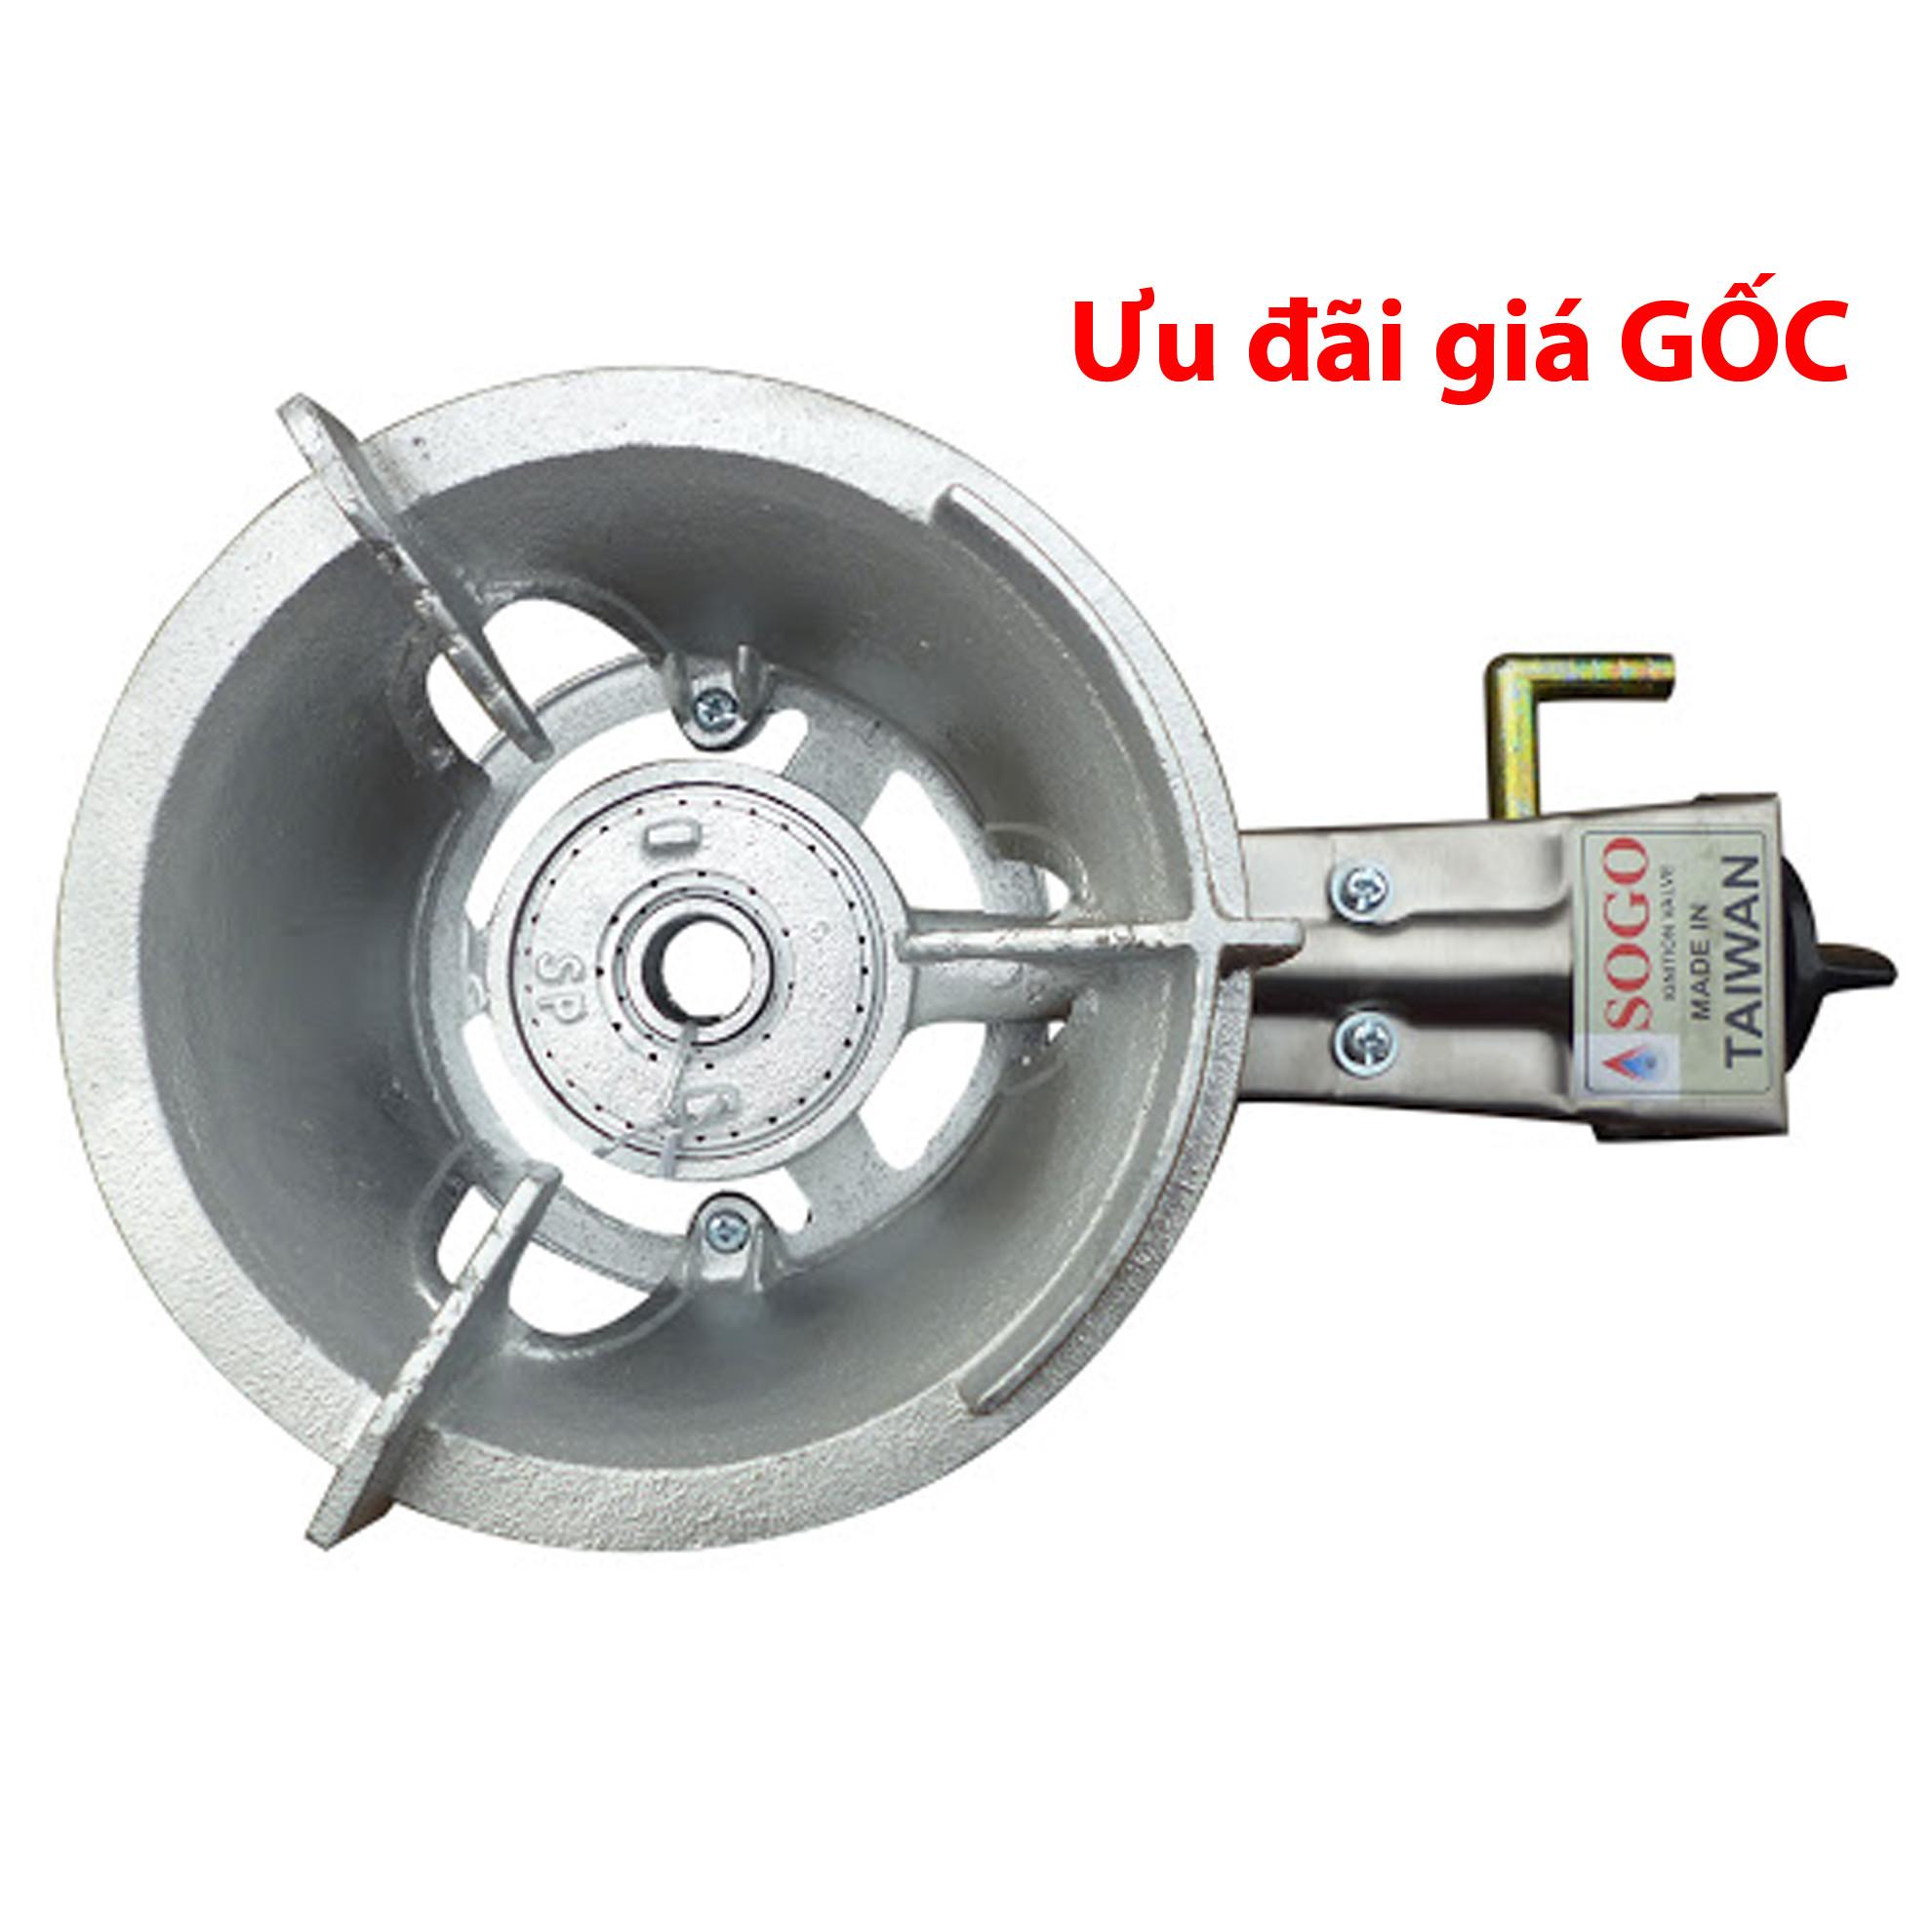 Bếp gas công nghiệp khè mini Sogo-SP GT-3B